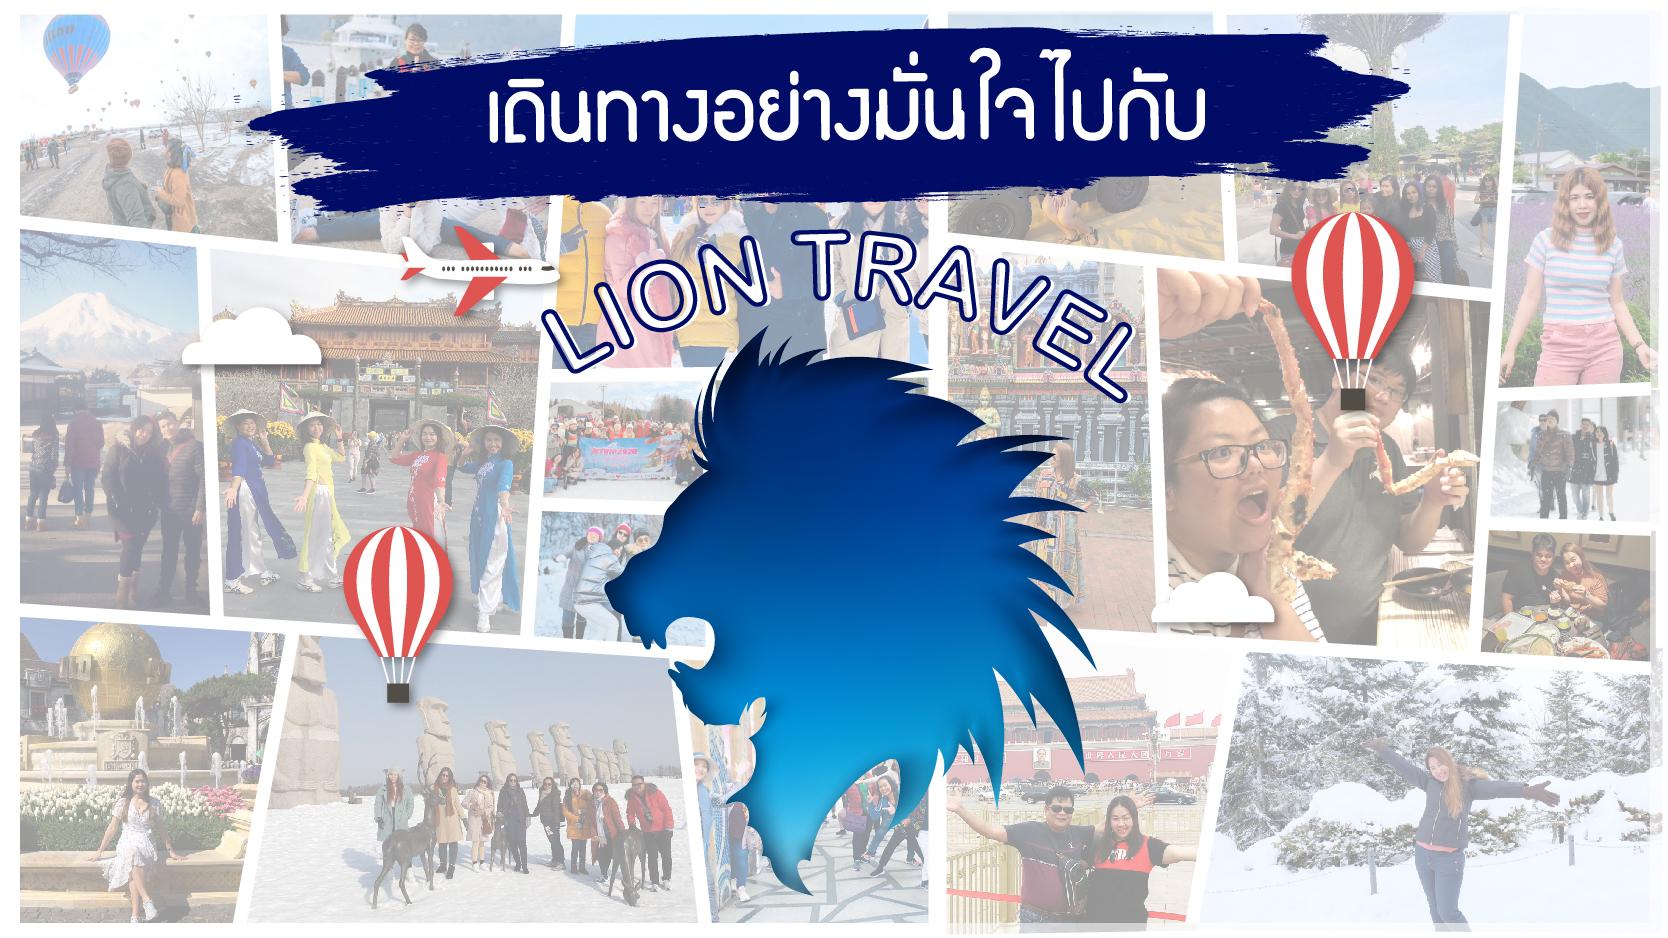 line@liontravels-ทัวร์ต่างประเทศ